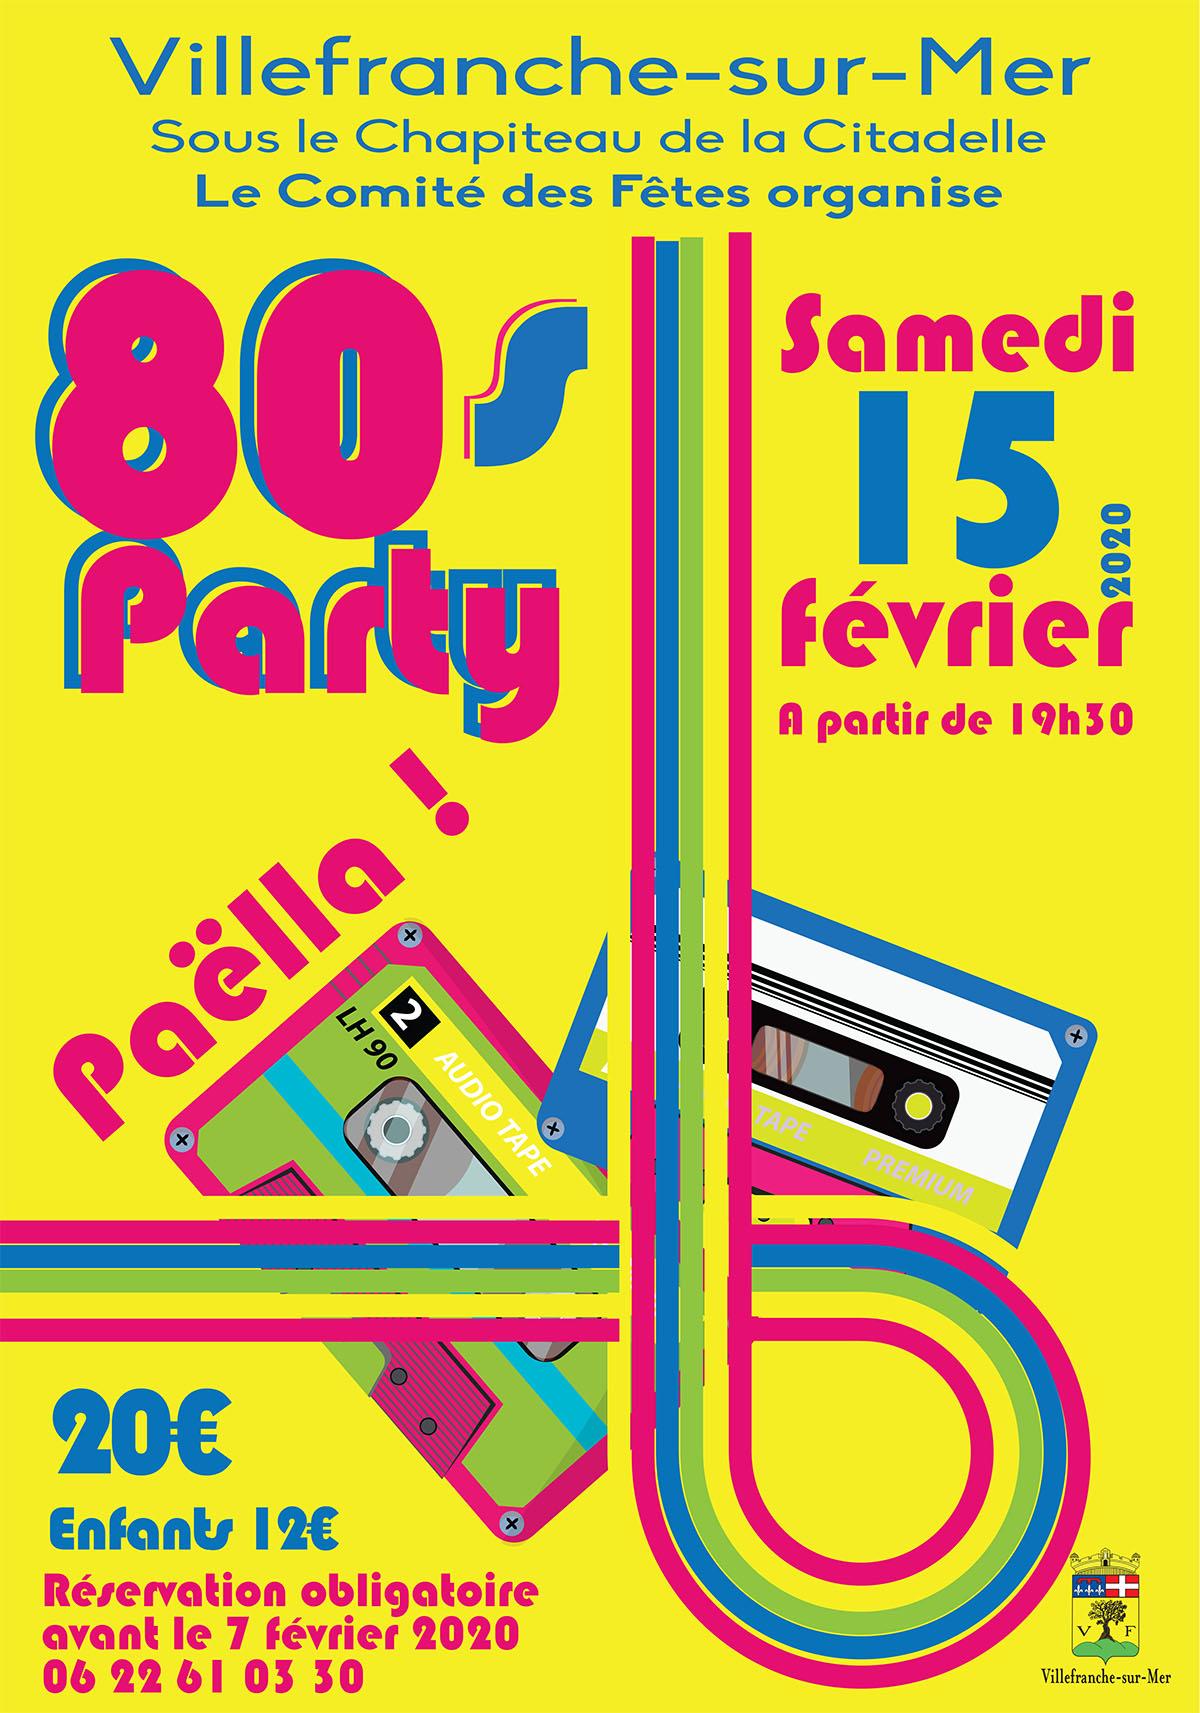 80's Party du Comité des fêtes de Villefranche-sur-Mer